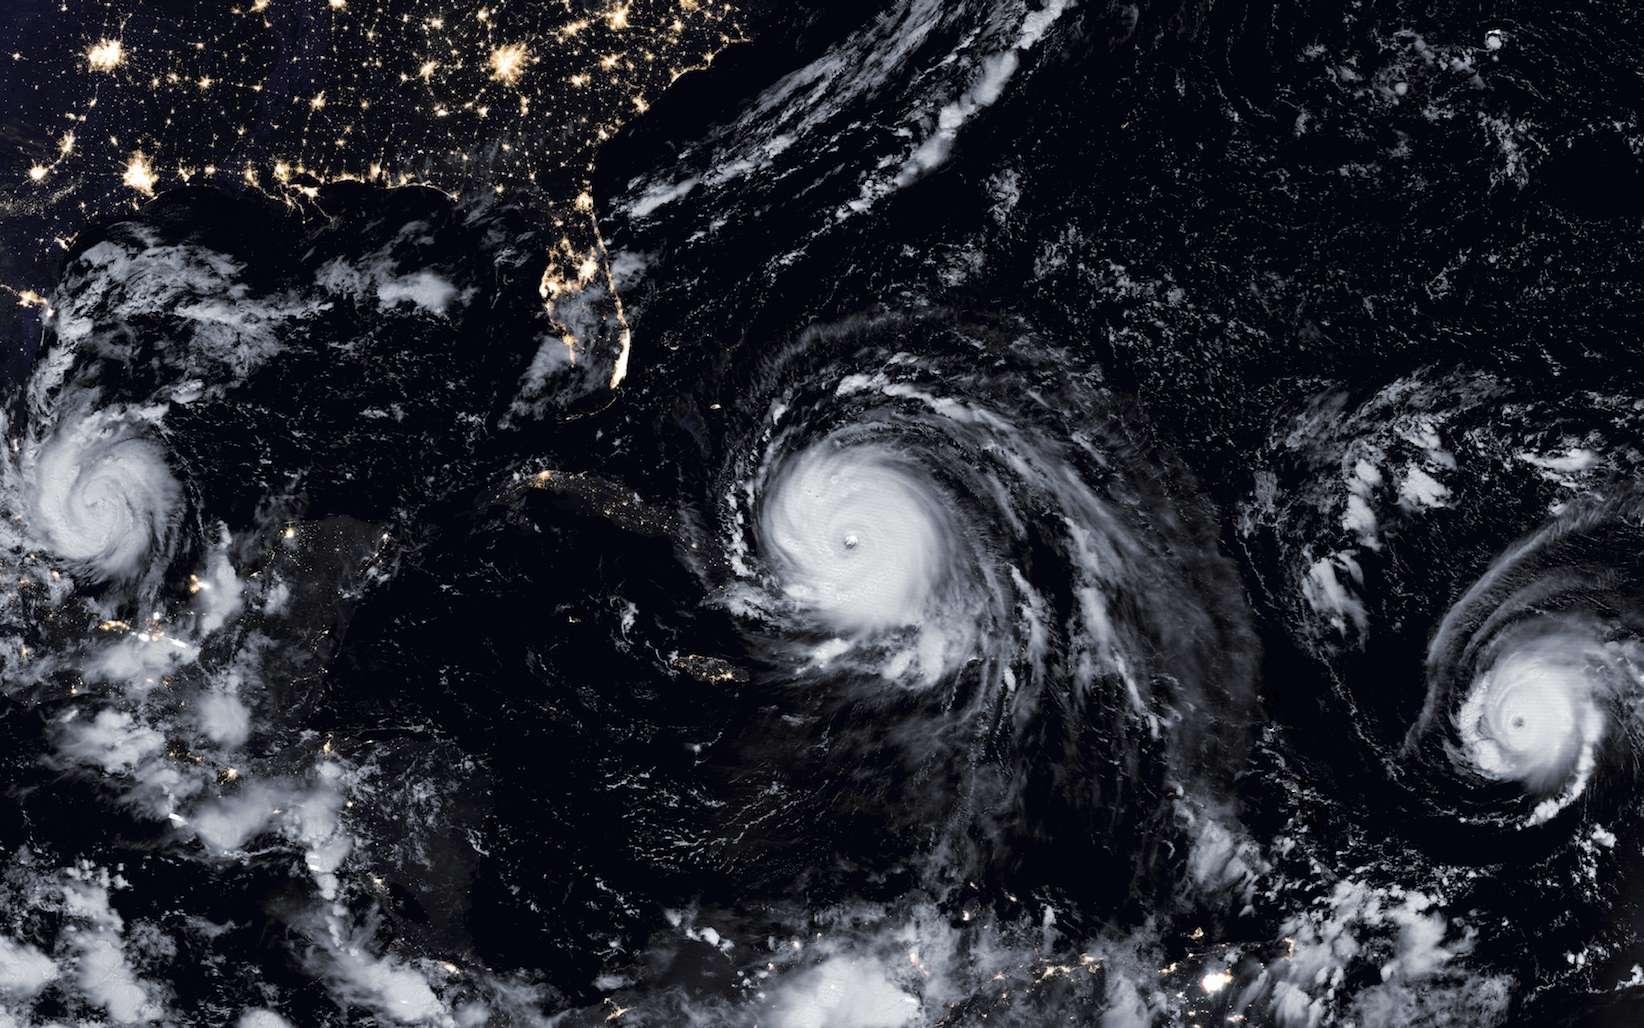 Trois ouragans au-dessus de l'Atlantique : Katia (à gauche), José (à droite) et Irma (au centre). Lorsque cette image a été prise, Irma était de catégorie 5. © EarthObservatory